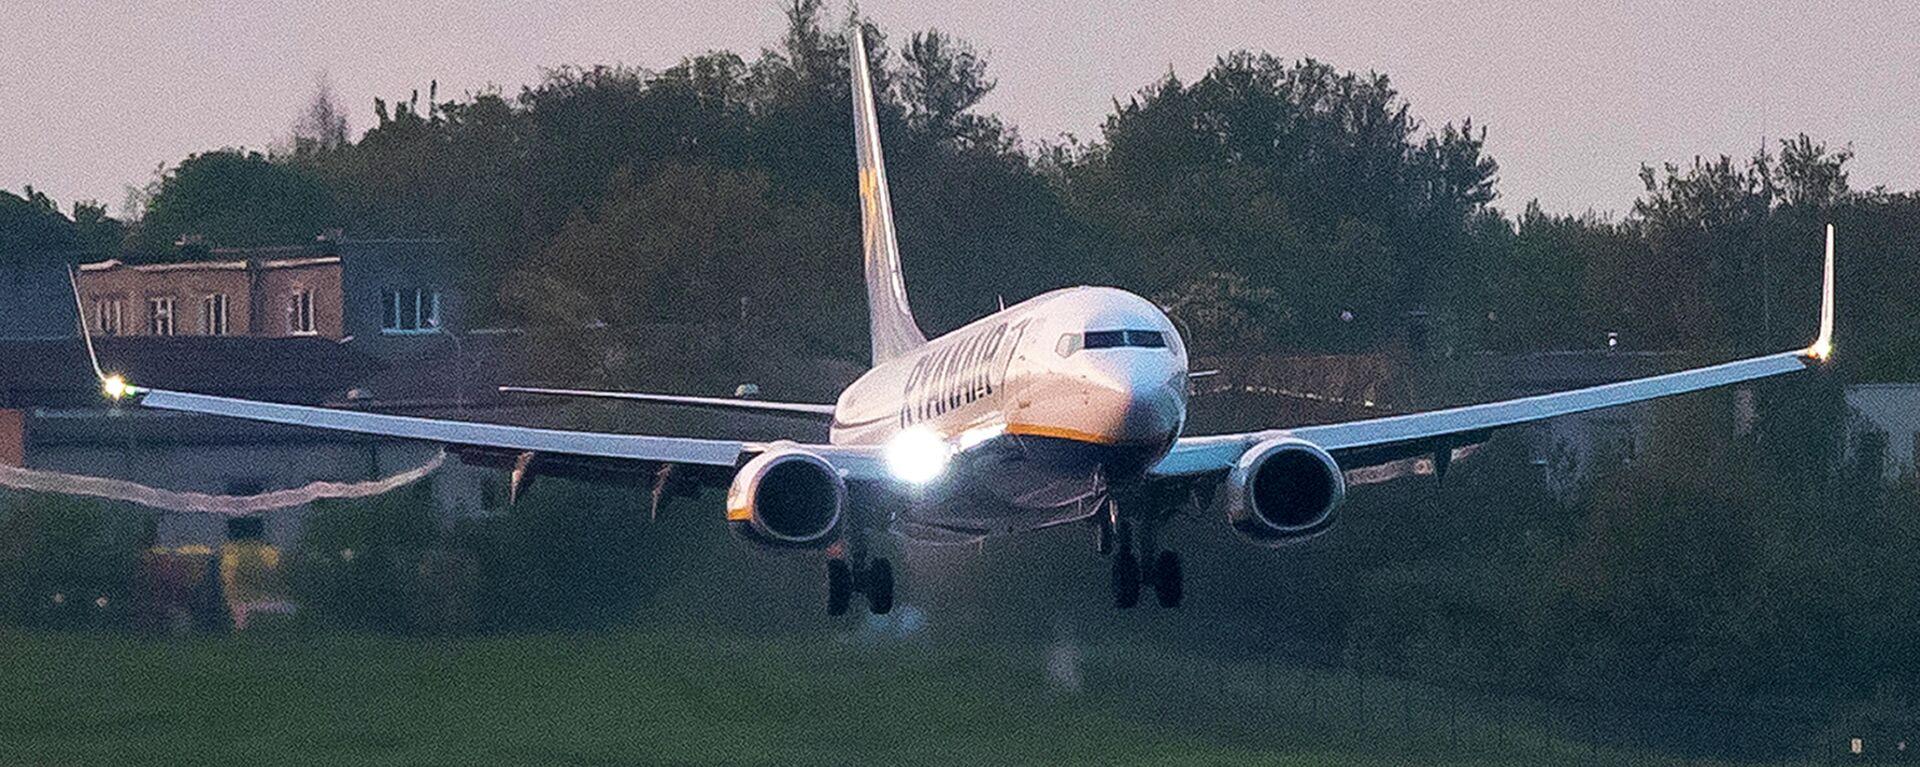 Ryanair-Maschine, mit der der weißrussische Oppositionelle Roman Protassewitsch nach Litauen flog, landet in Vilnius. 23. Mai 2021 - SNA, 1920, 28.05.2021